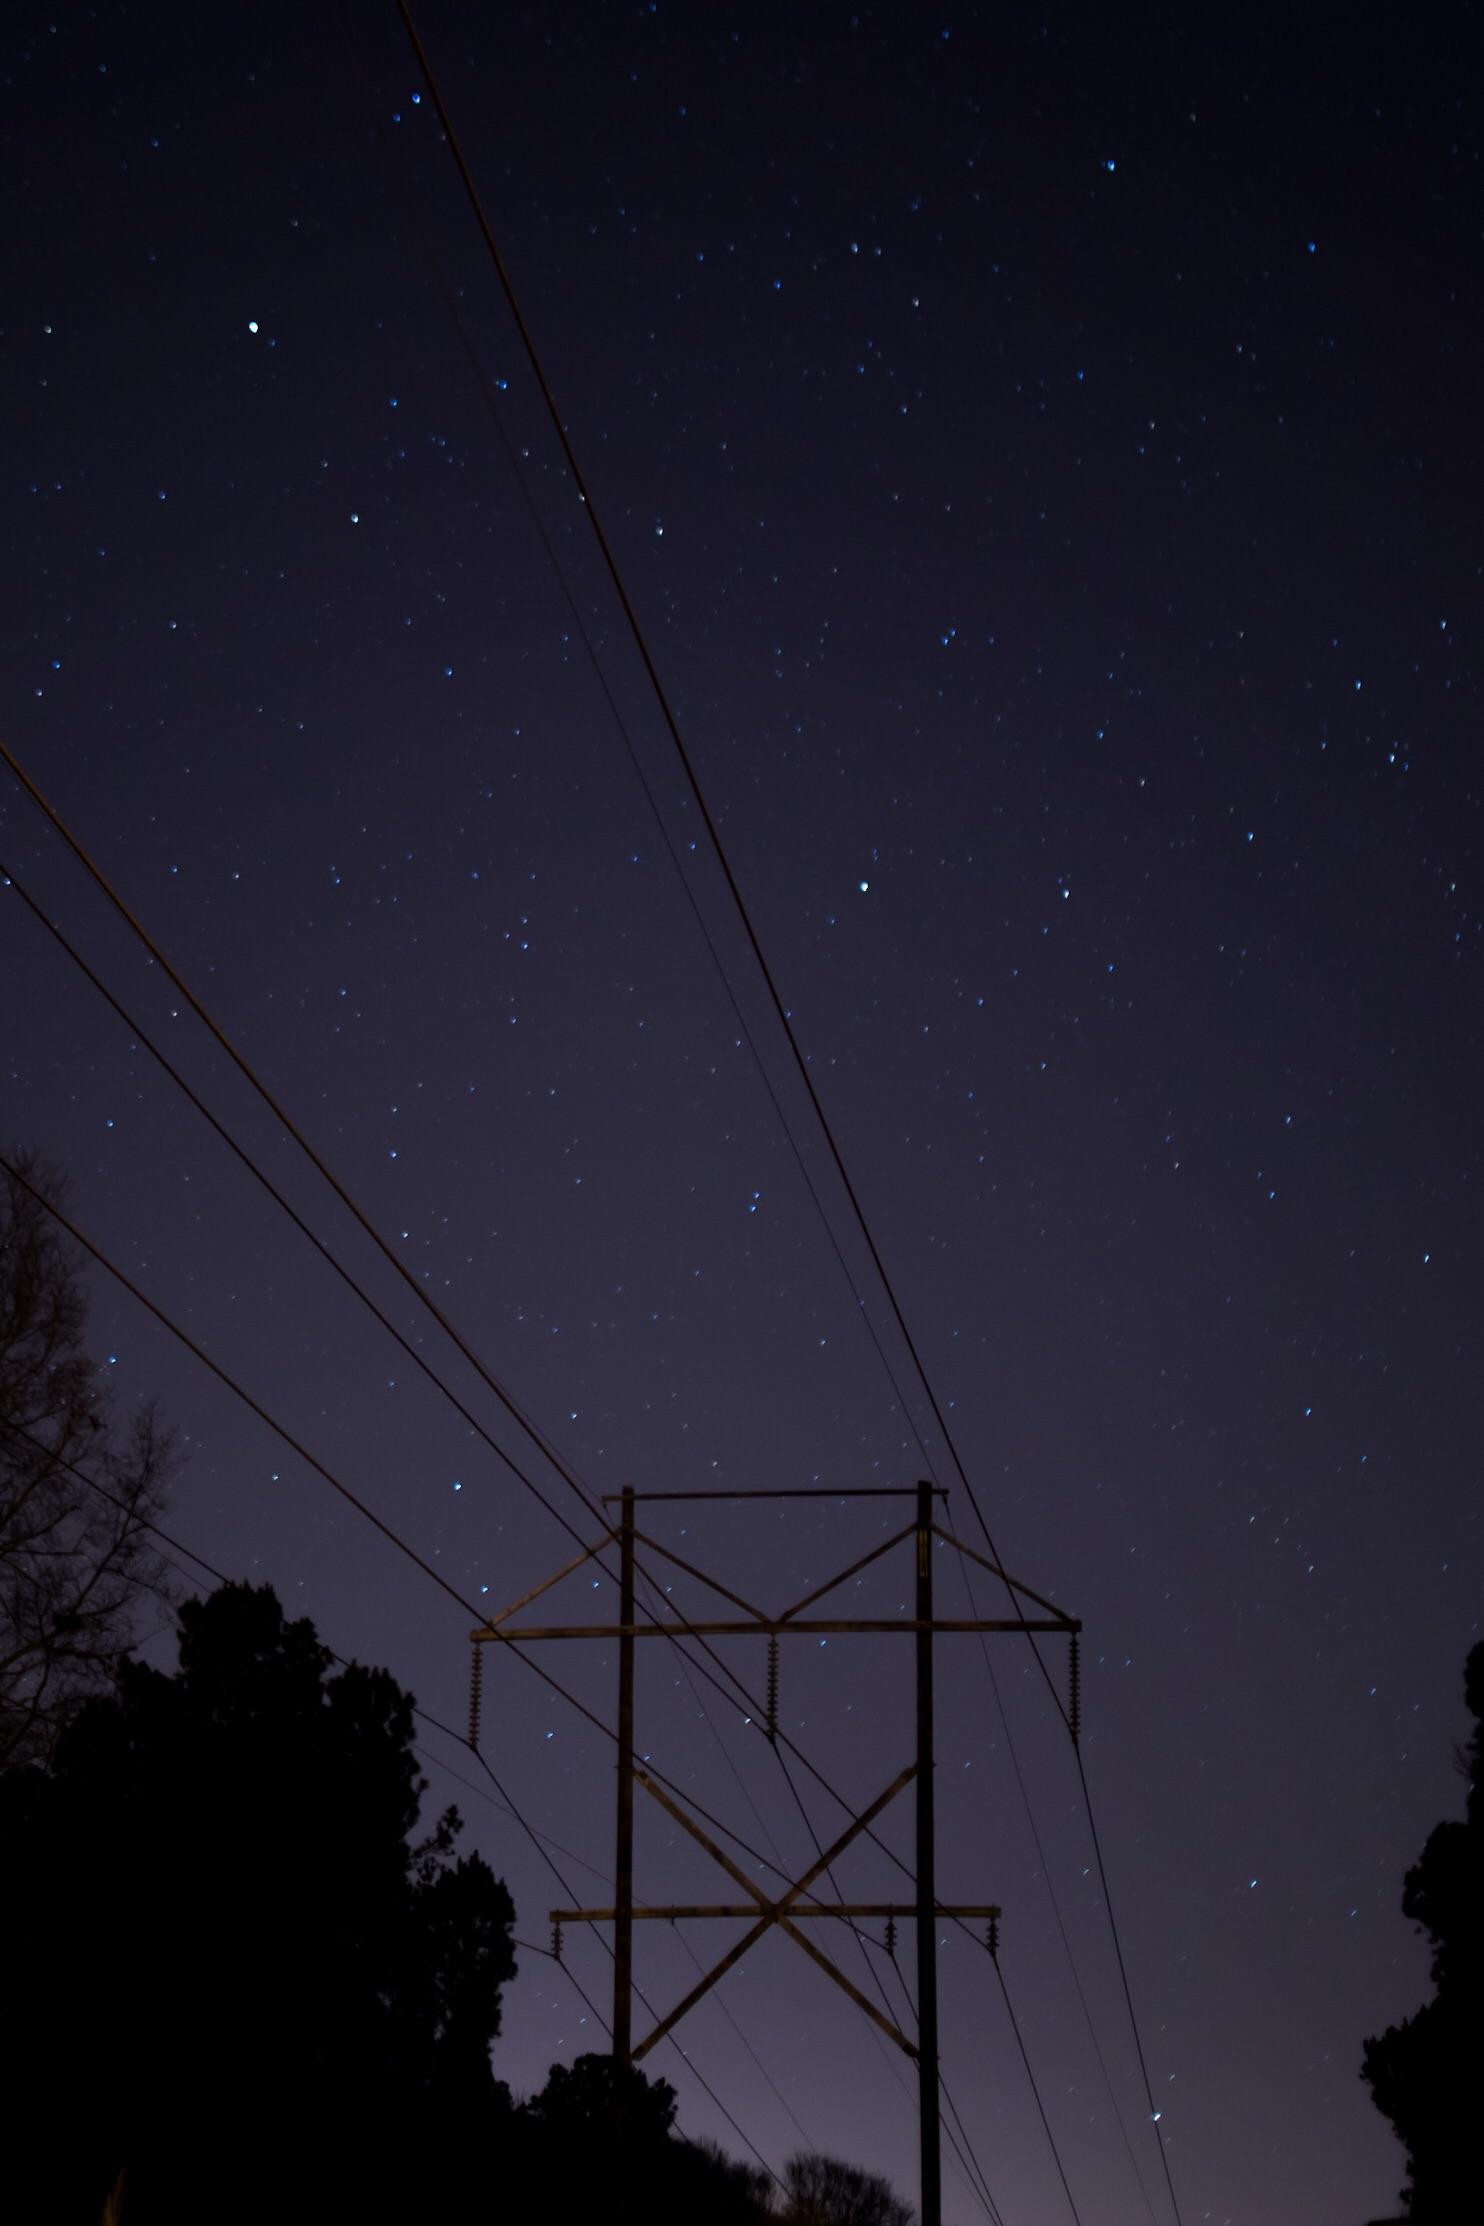 f/1.8, 30 second exposure